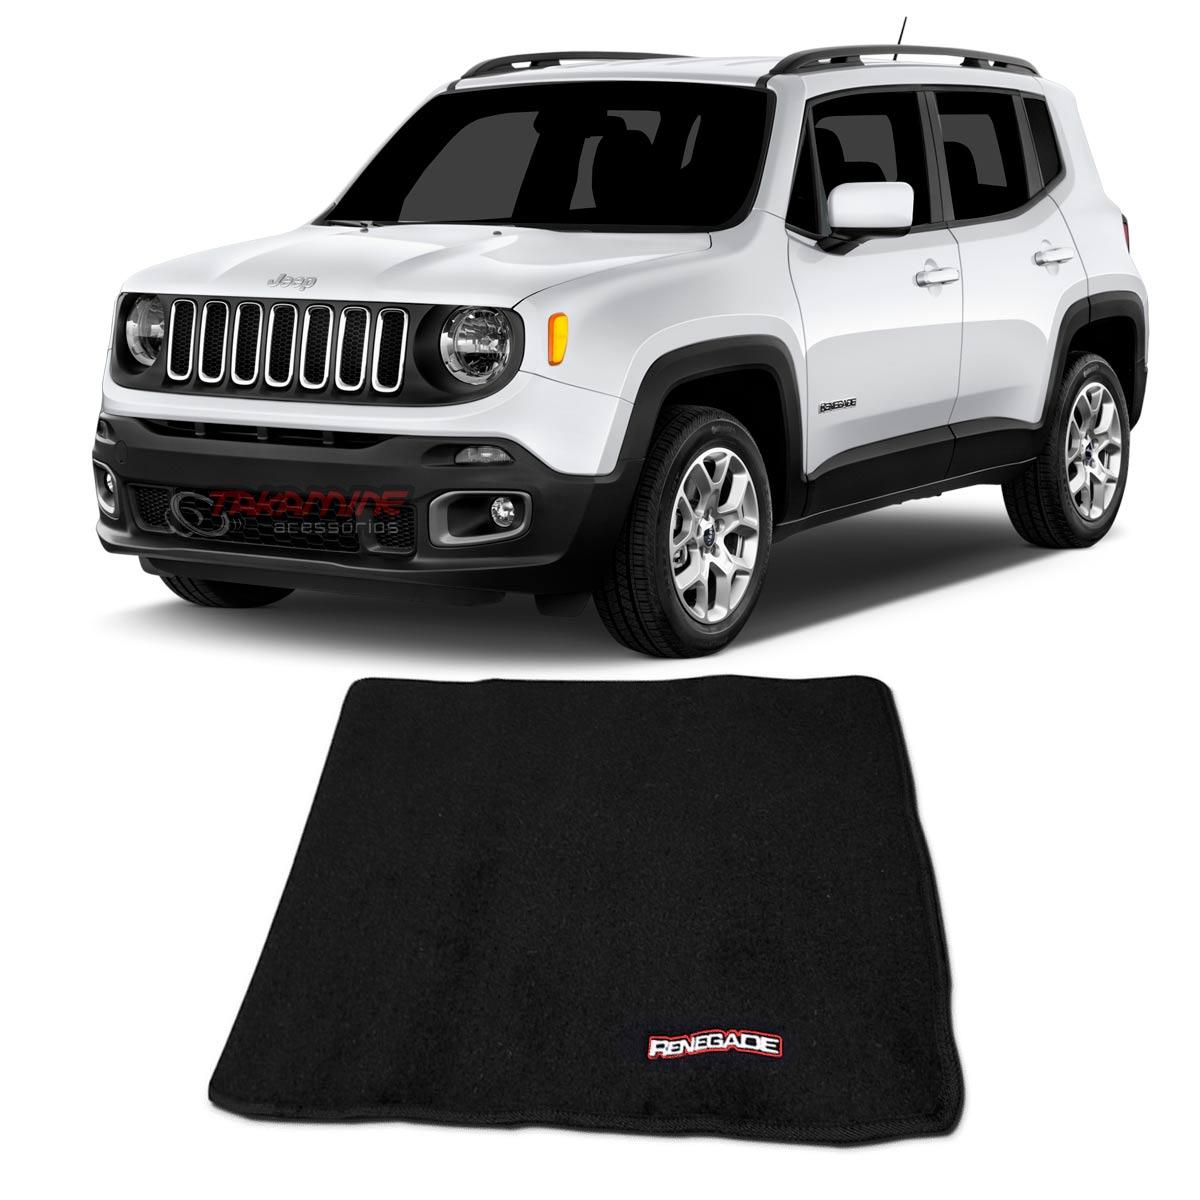 Tapete porta malas Jeep Renegade 2015 2016 2017 2018 2019 2020